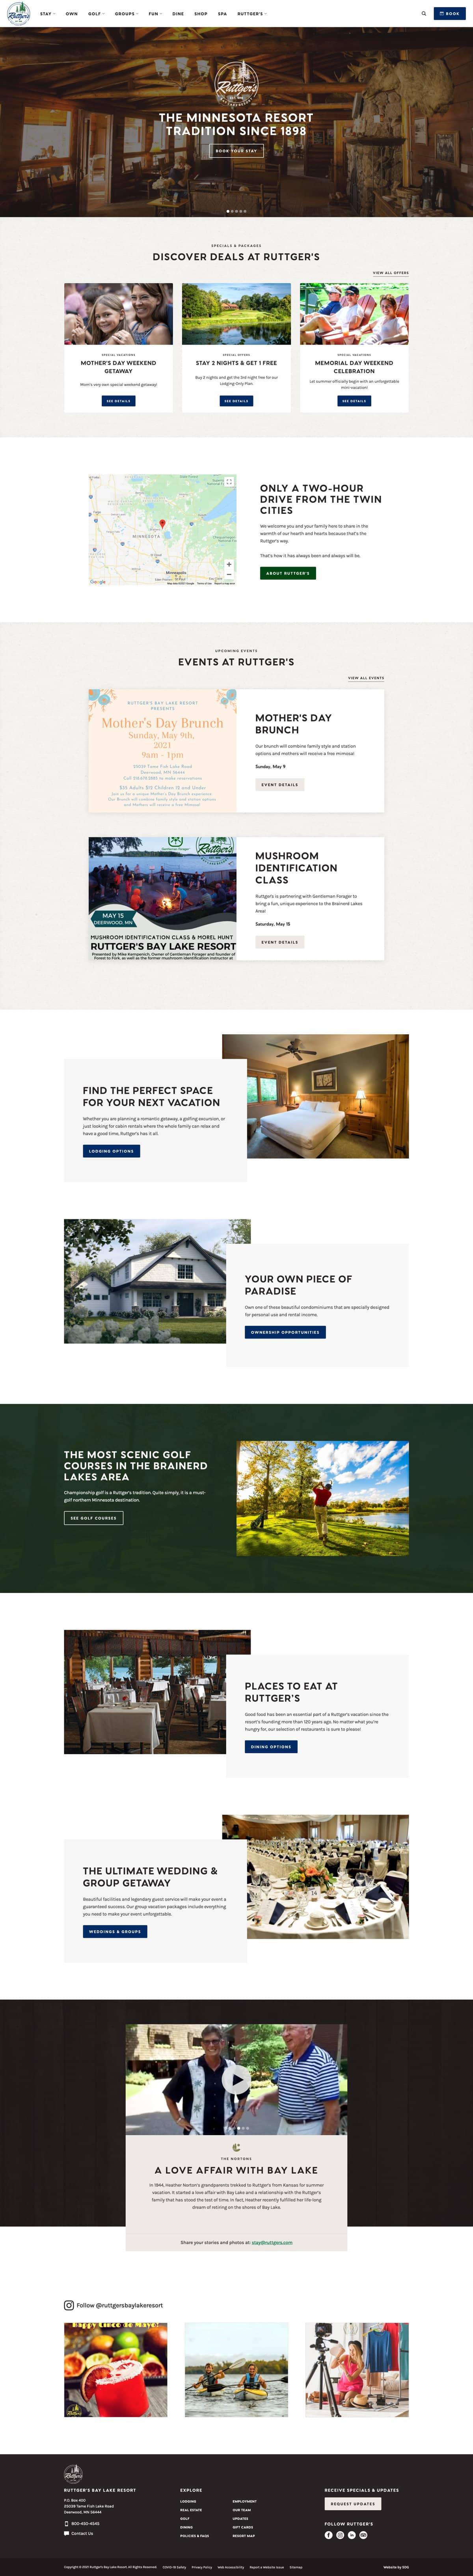 Ruttger's homepage